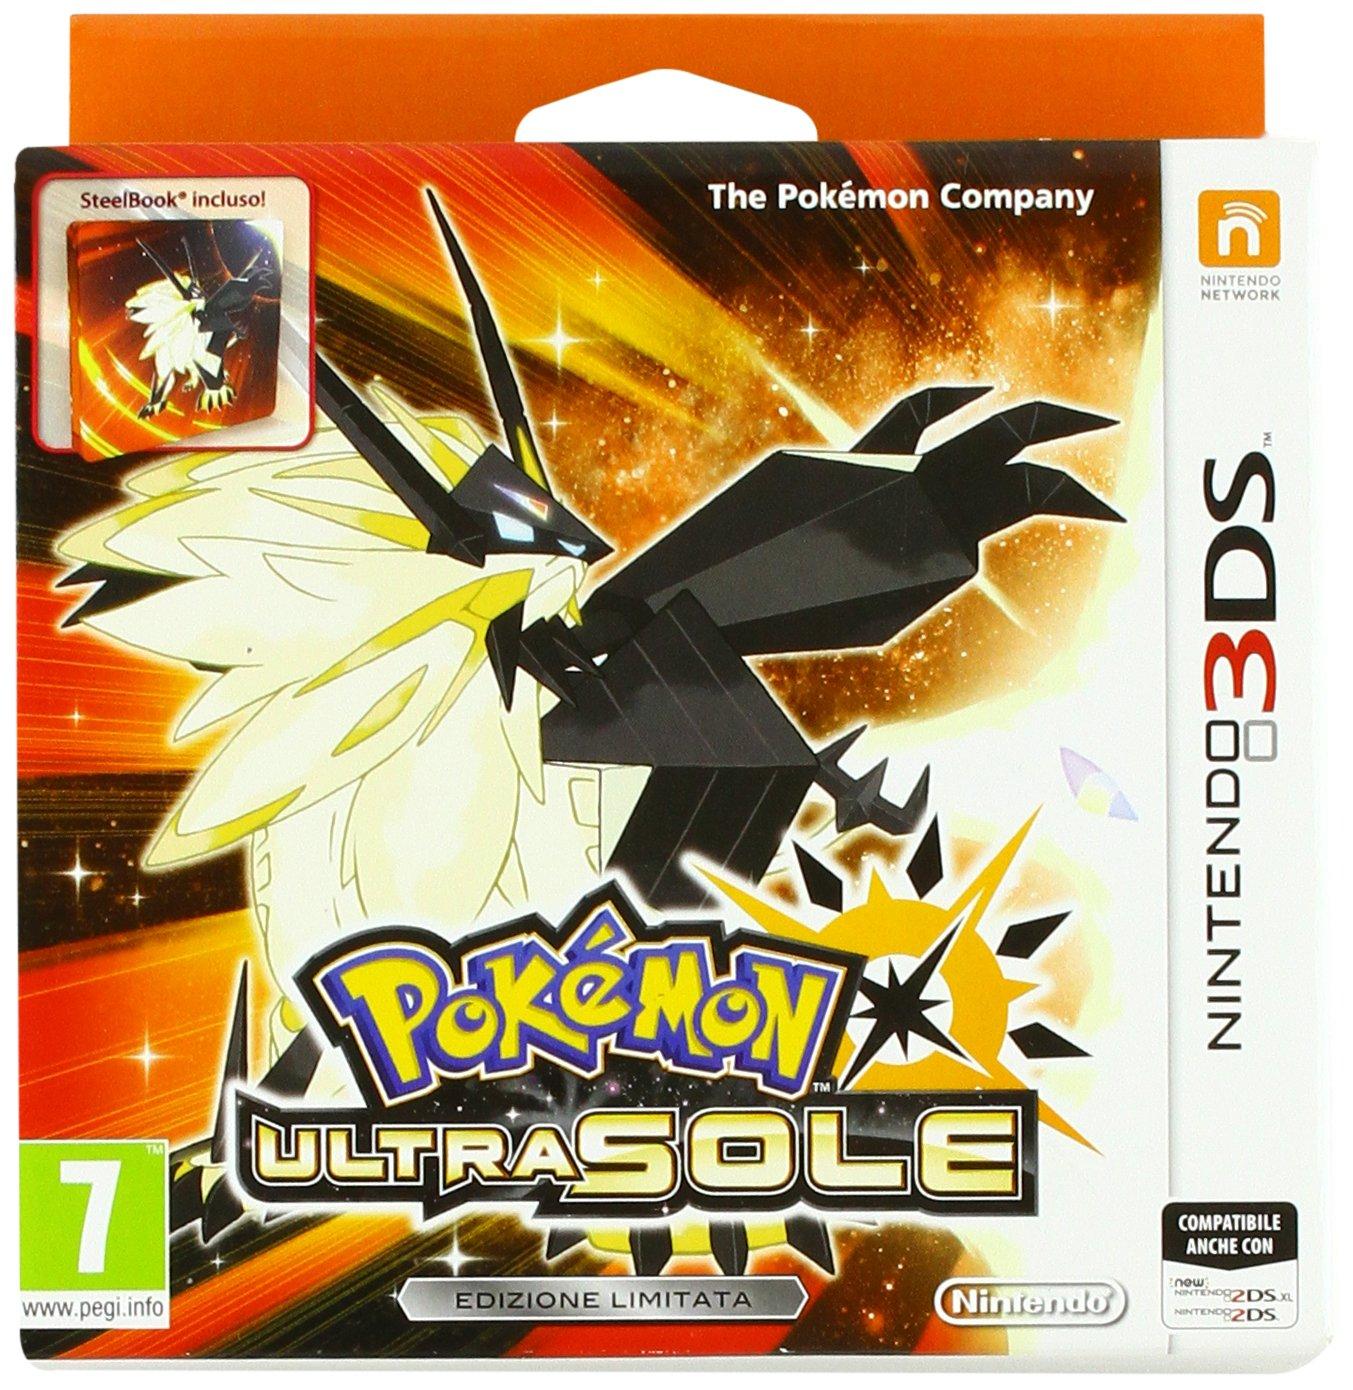 Pokemon Ultra Sonne Steelbook Edition